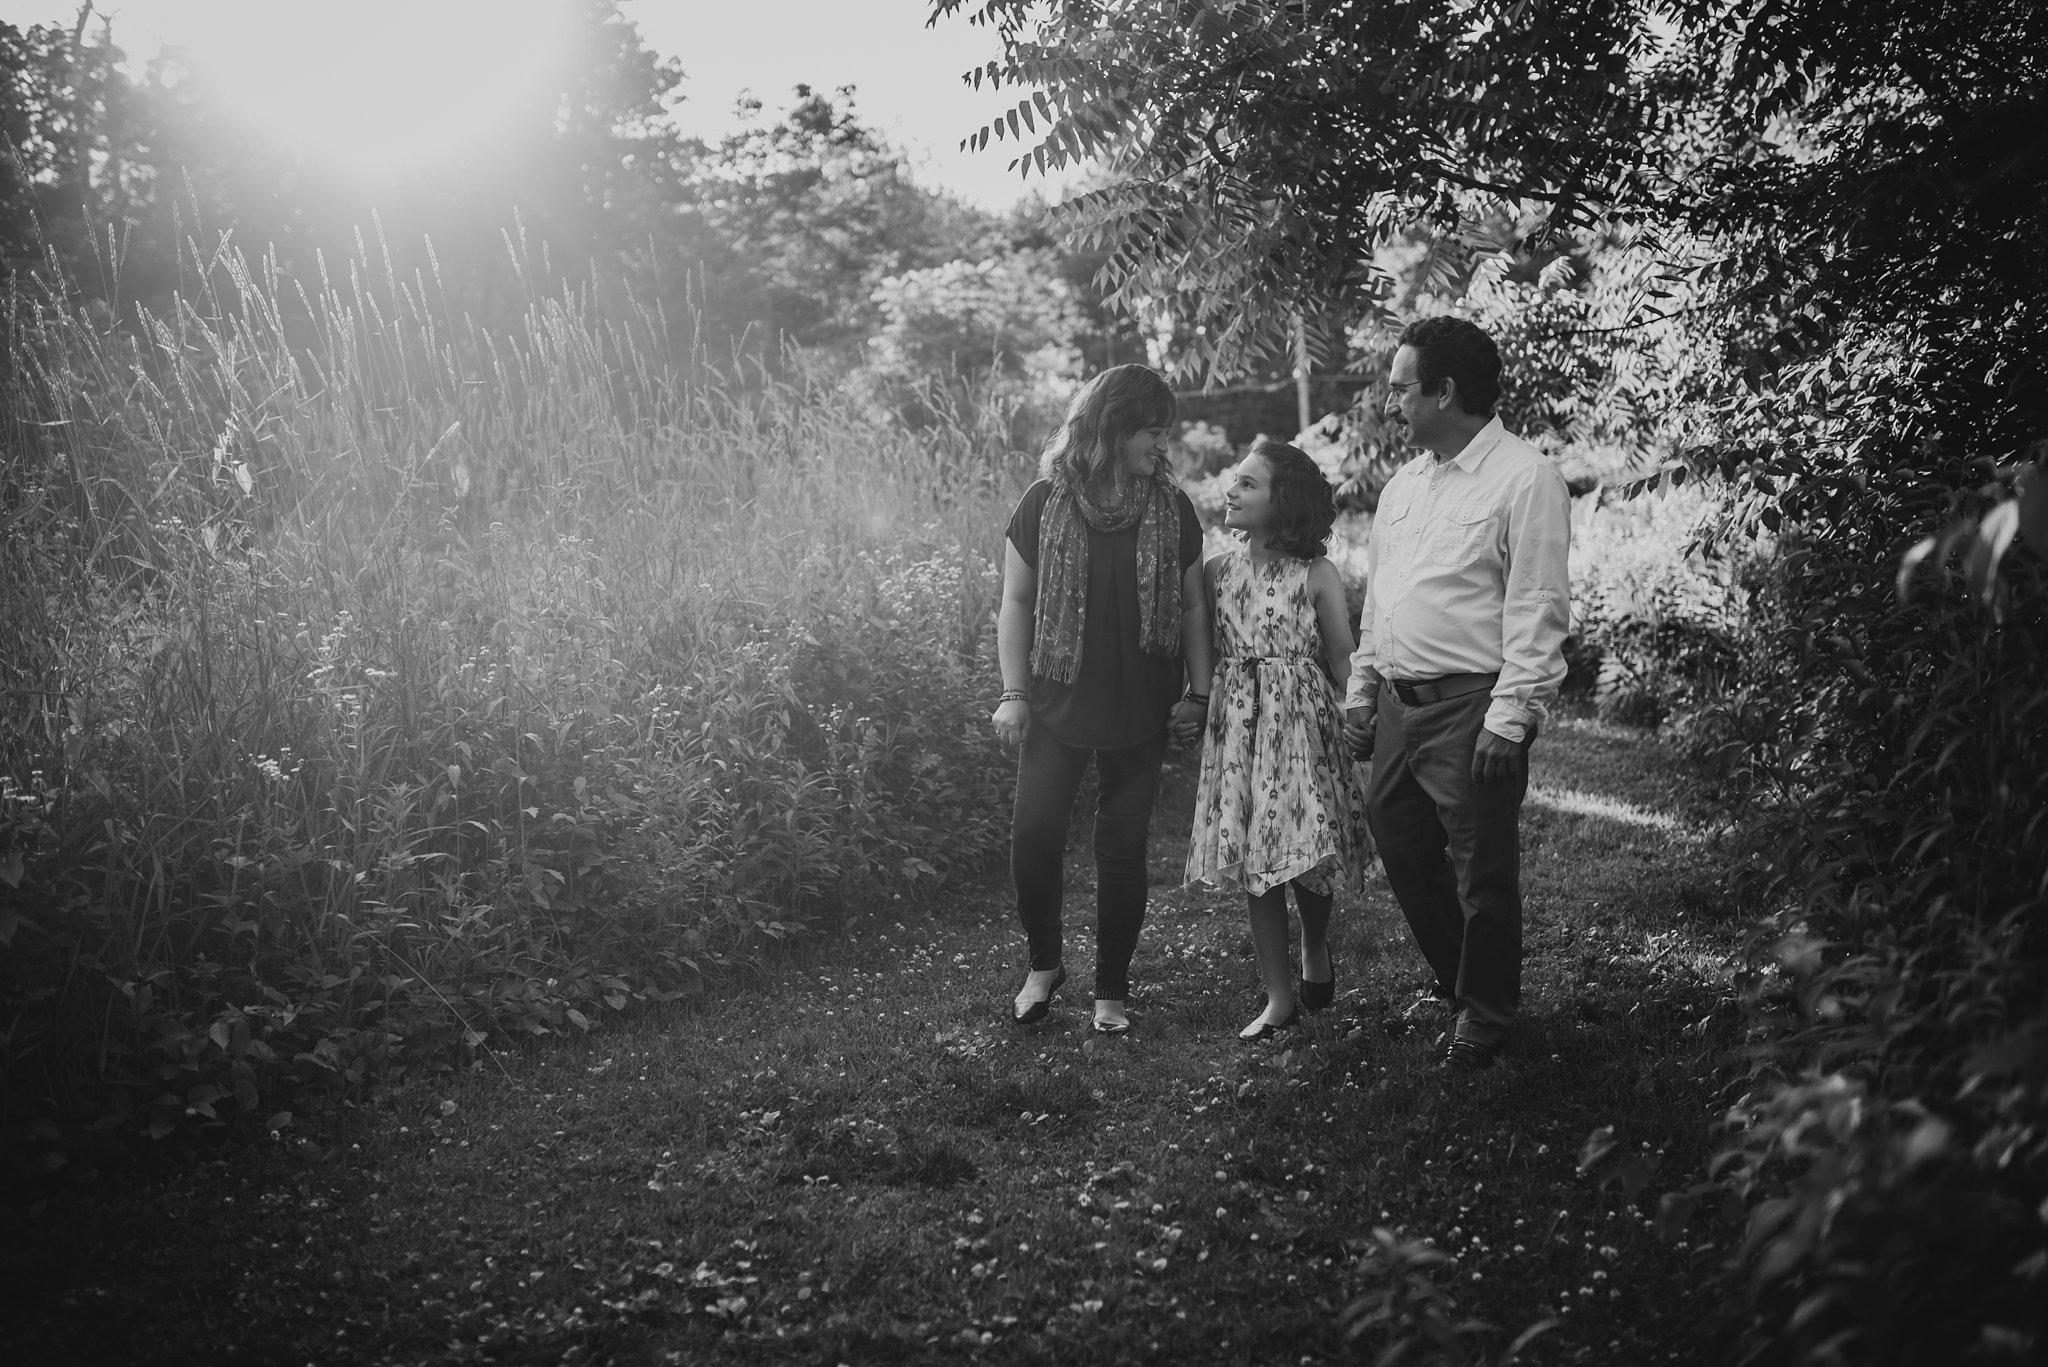 Langer_June_2018-63_Award_Winning_Boston_Massachusetts_Family_Portrait_Photographer_Asher_and_Oak_Photography.jpg